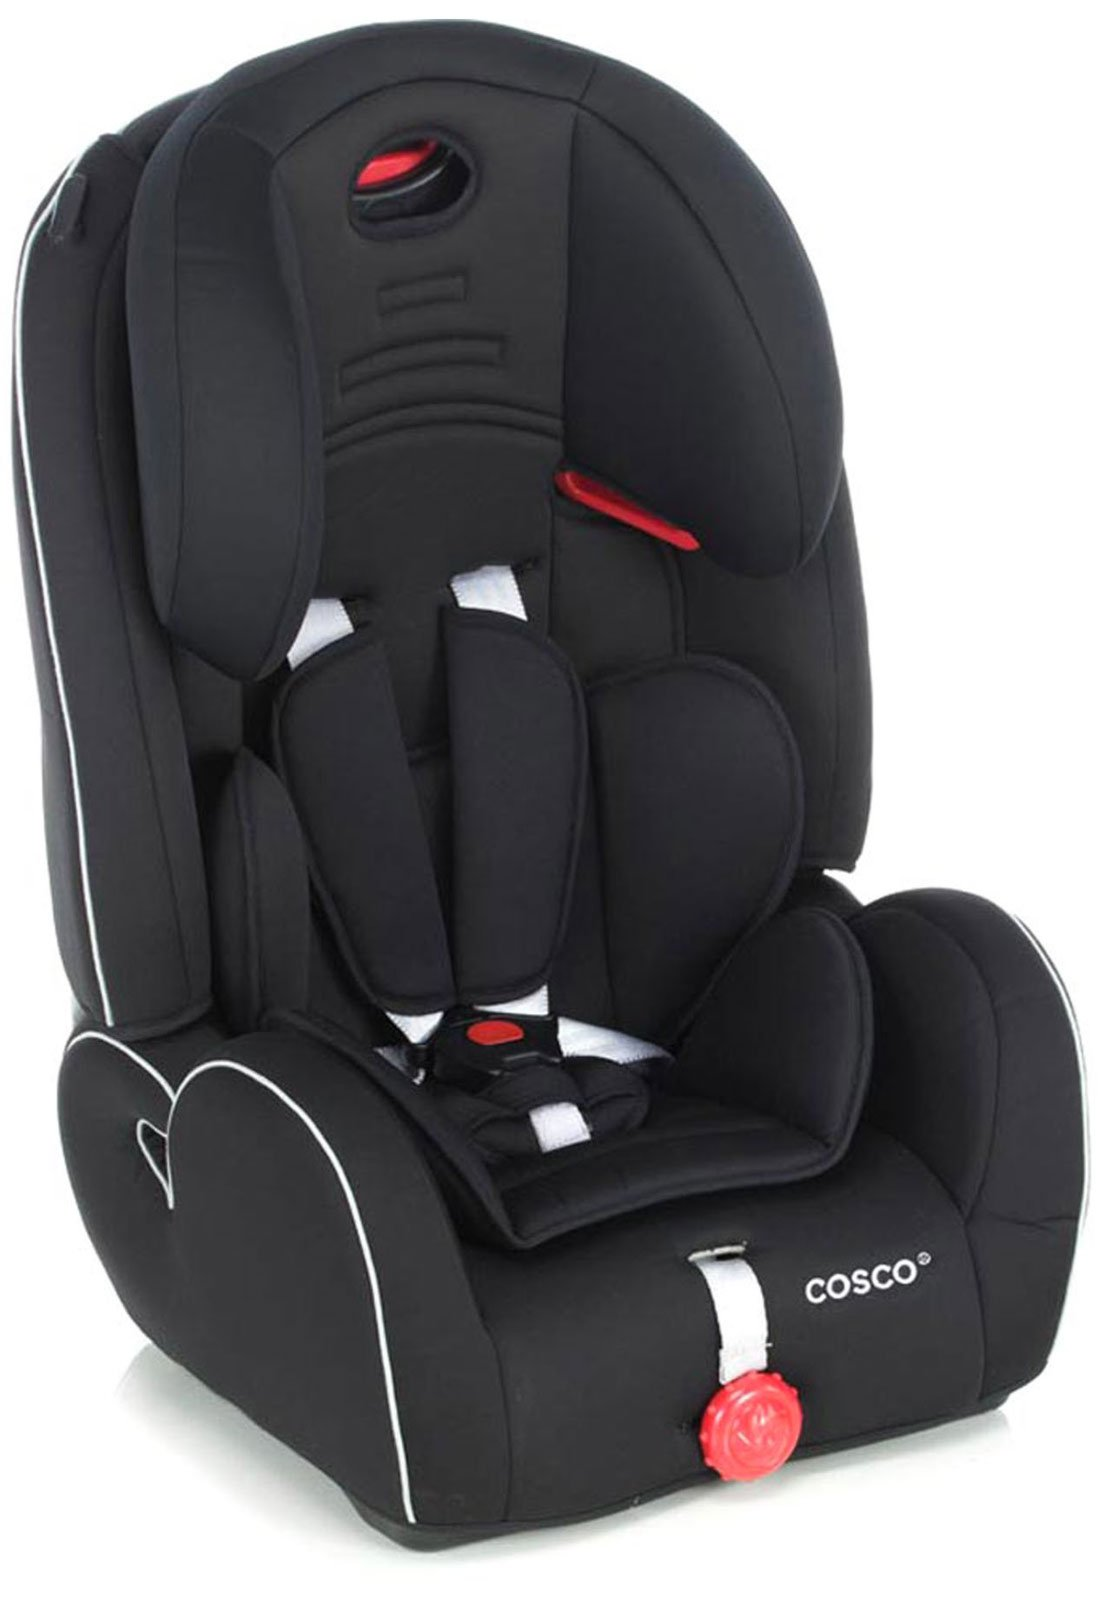 f064002a0 Cadeira para Auto 9 a 36 Kg Evolve Preto Cromo Cosco - Compre Agora |  Tricae Brasil